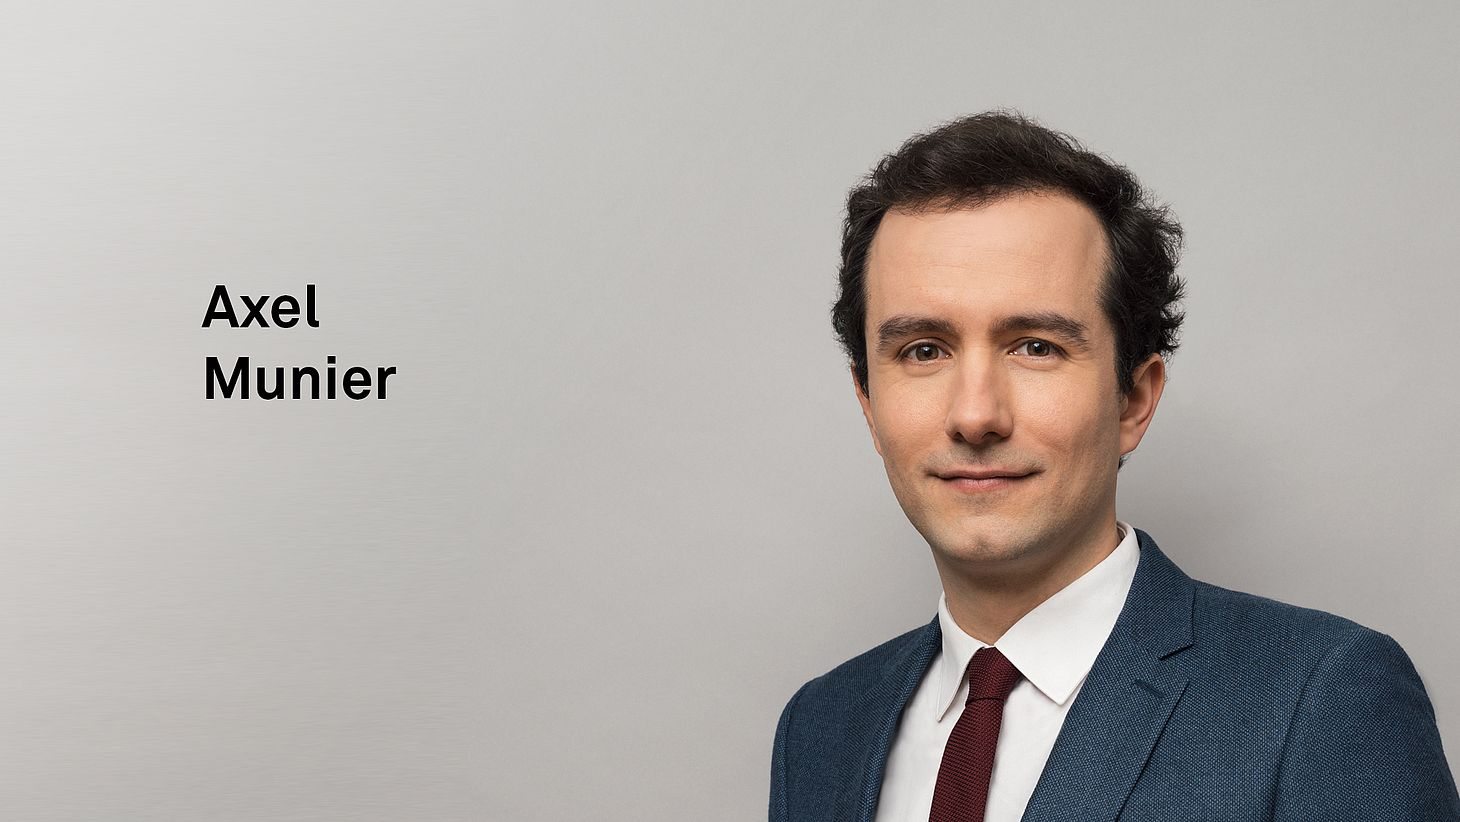 Axel Munier